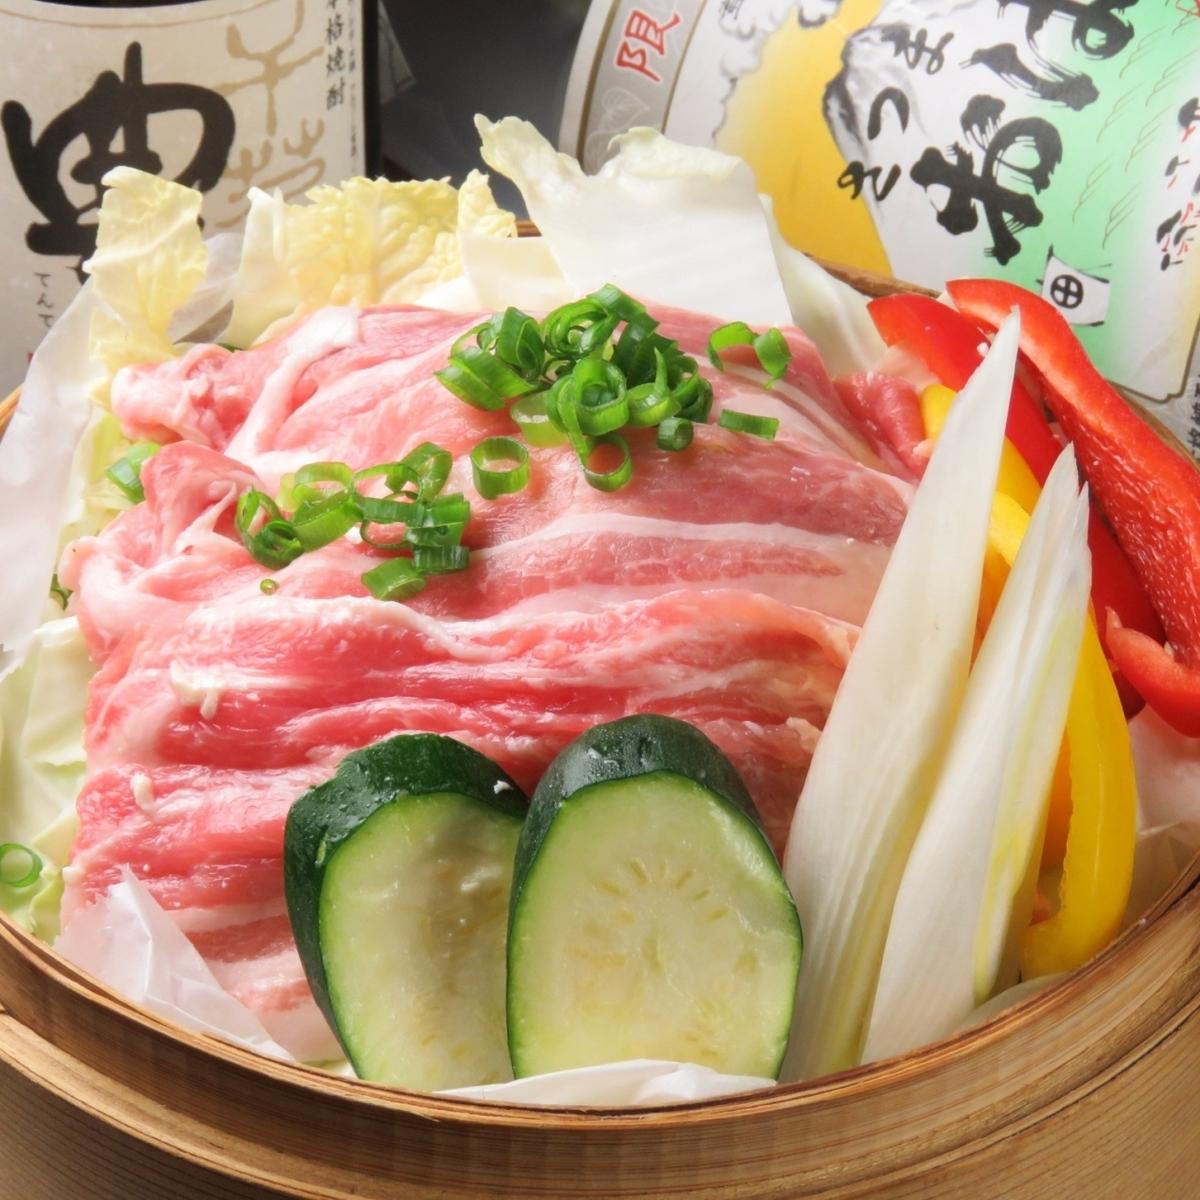 히로시마 산 단풍 돼지와 風呂吹き 무 세이 찜